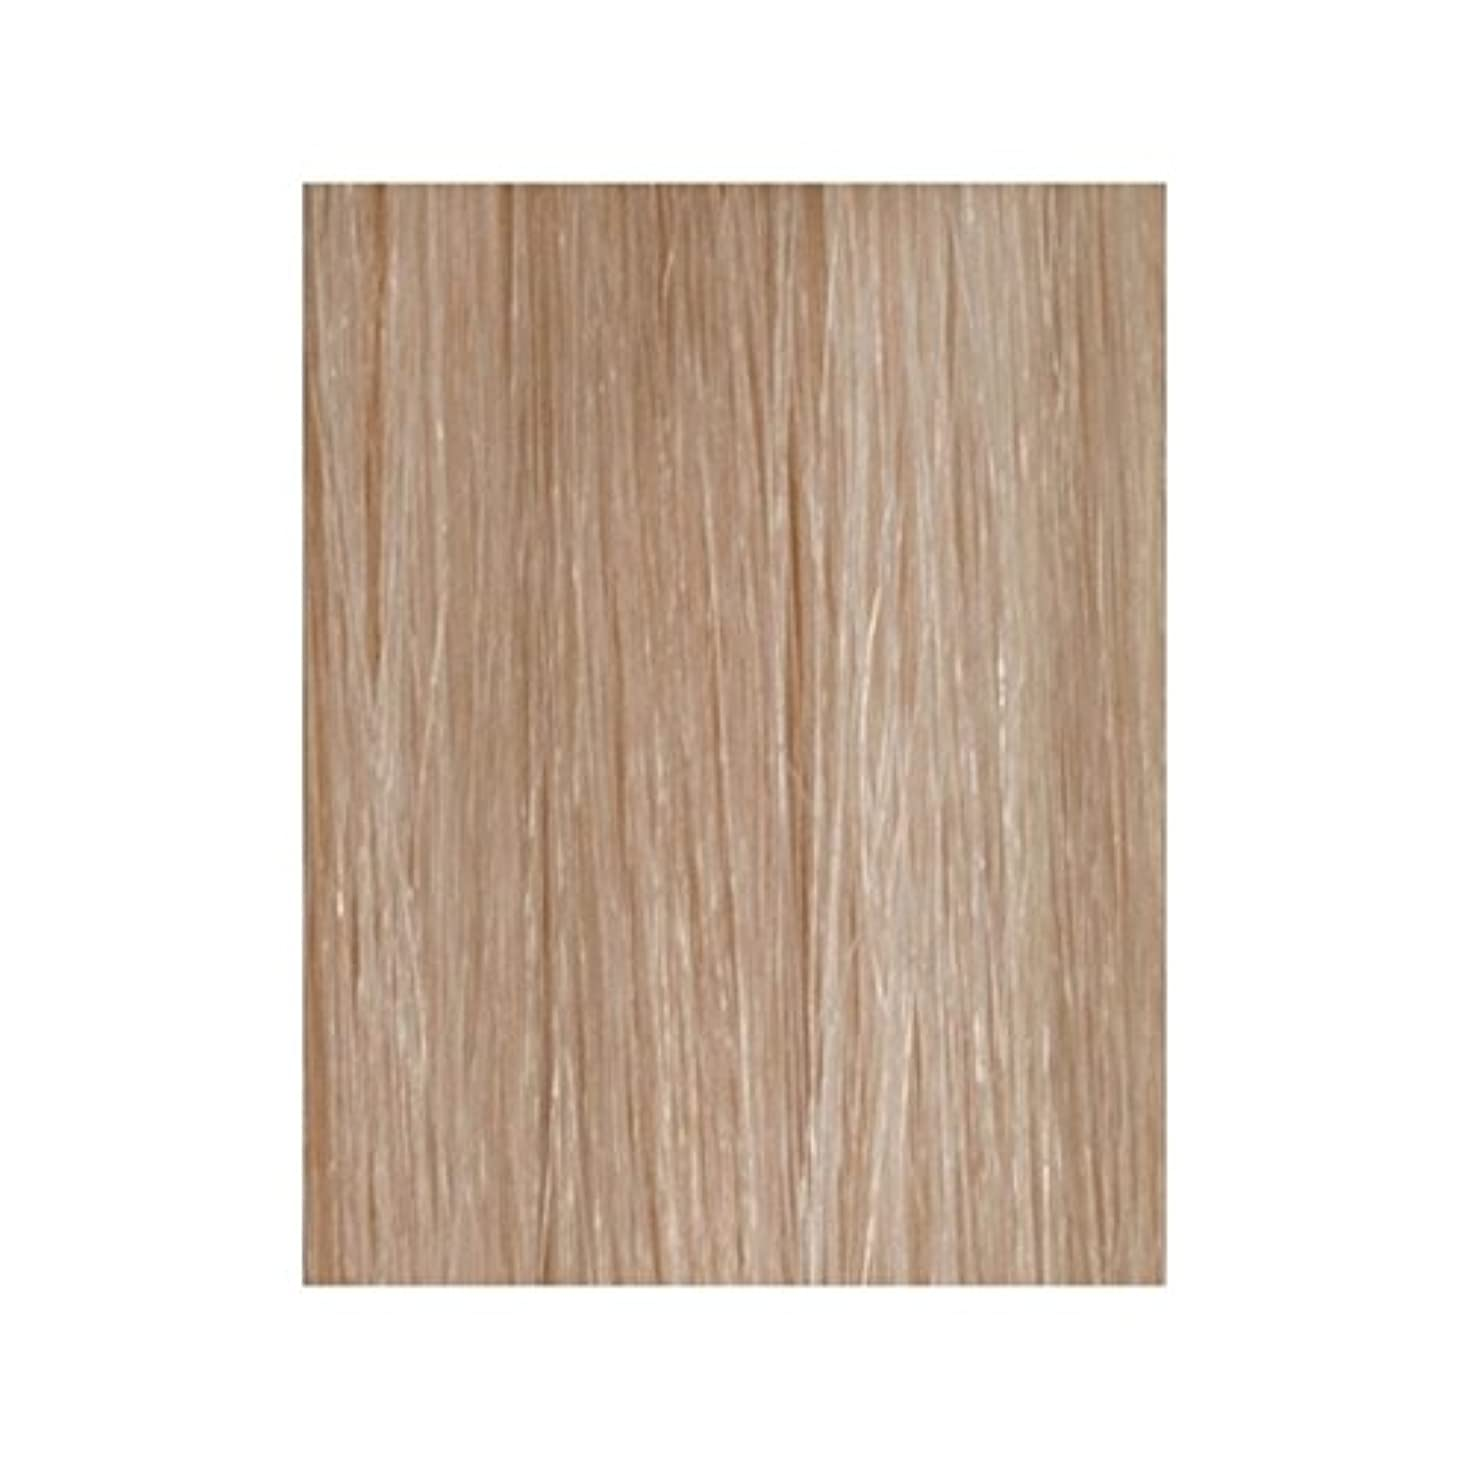 削除する売り手ボトルネックBeauty Works 100% Remy Colour Swatch Hair Extension - Champagne Blonde 613/18 (Pack of 6) - 美しさは、100%レミー色見本のヘアエクステンションの作品 - シャンパンブロンド18分の613 x6 [並行輸入品]